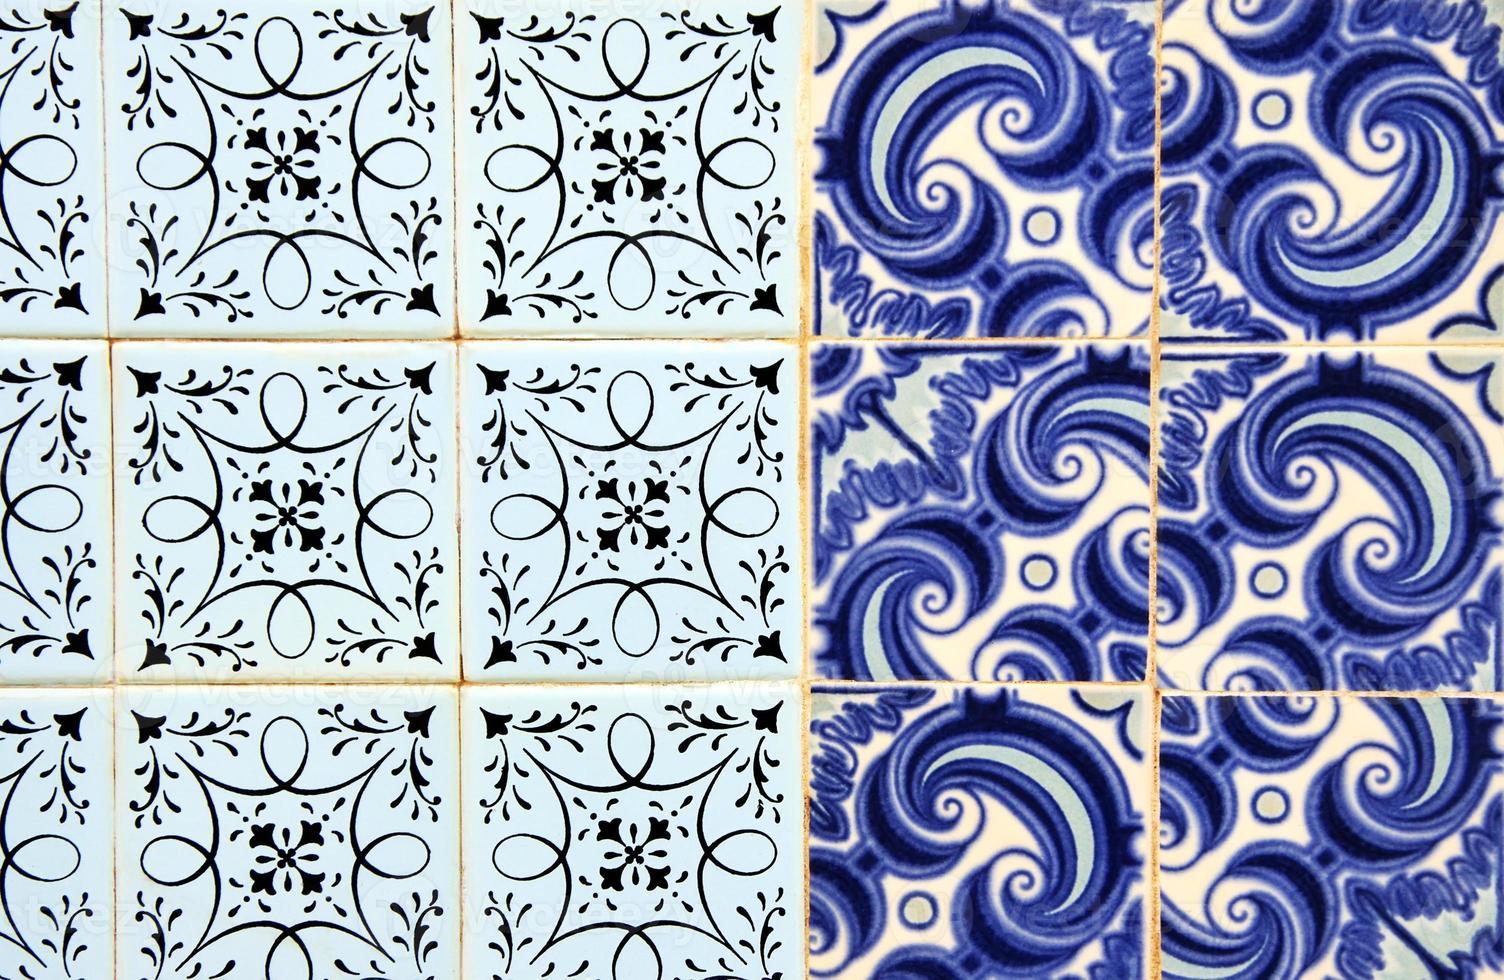 Portugiesische Fliesen (Azulejos) an einer Fassade in Olhao, Algarve foto